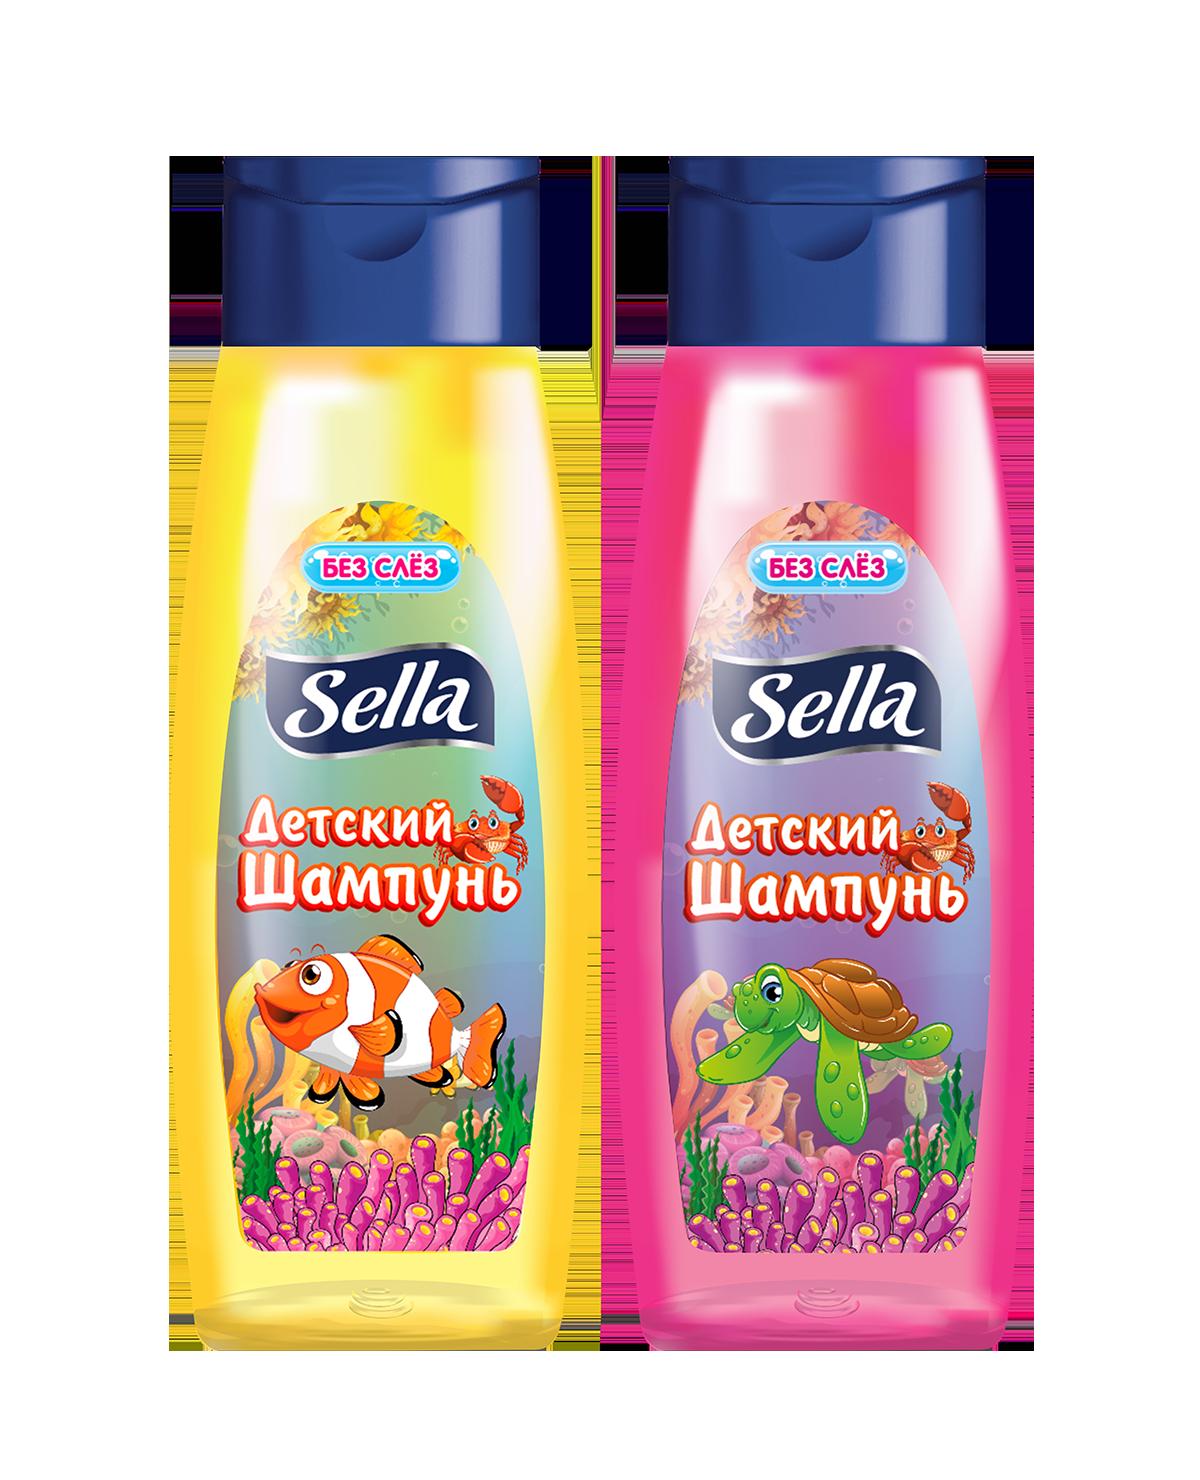 Sella-մանկական-շամպուն